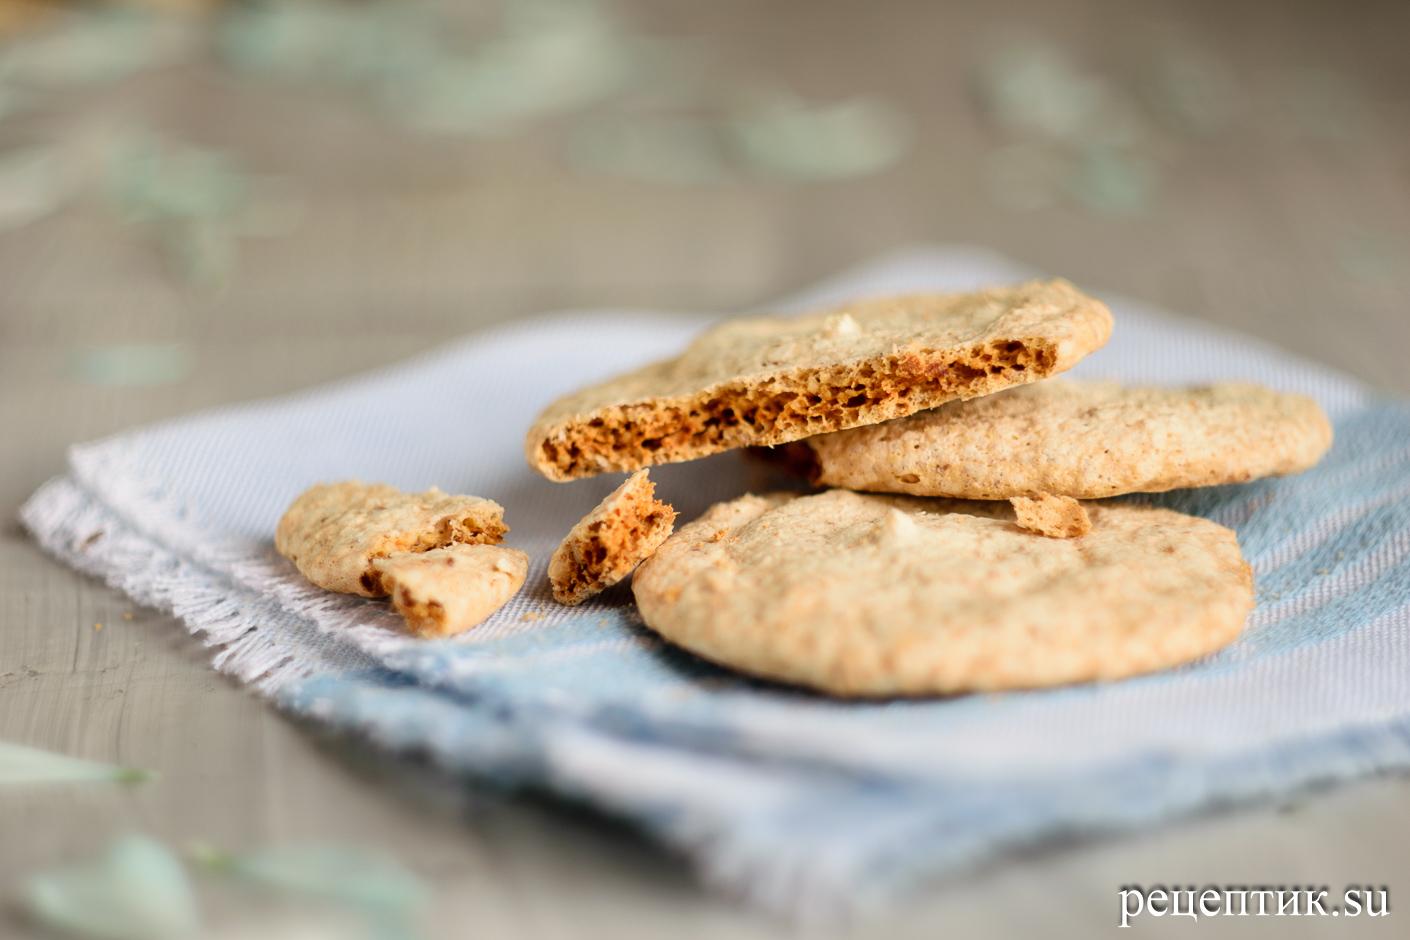 Простое миндальное печенье без муки (ореховое безе) - рецепт с фото